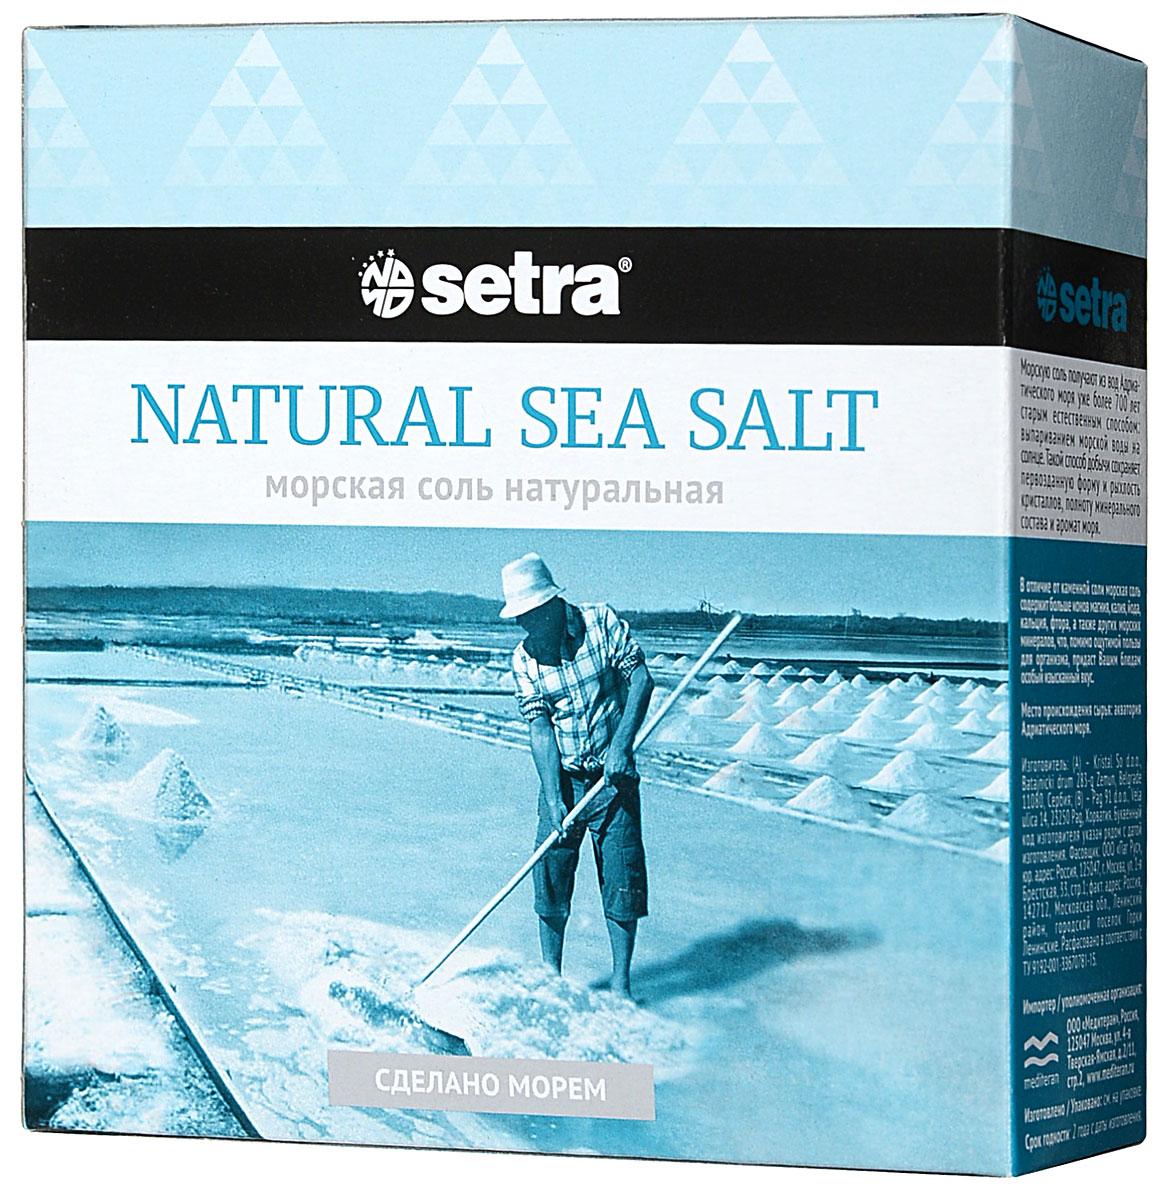 Соль Setra морская натуральная, 500 г4750Морскую соль Setra получают из вод Адриатического моря уже более 700 лет старым, естественным, экологически чистым способом: выпариванием морской воды на солнце. В отличие от каменной соли, морская соль содержит больше ионов магния, калия, йода, кальция, фтора, а также других морских минералов, что, помимо ощутимой пользы для организма, придаст вашим блюдам особый изысканный вкус.